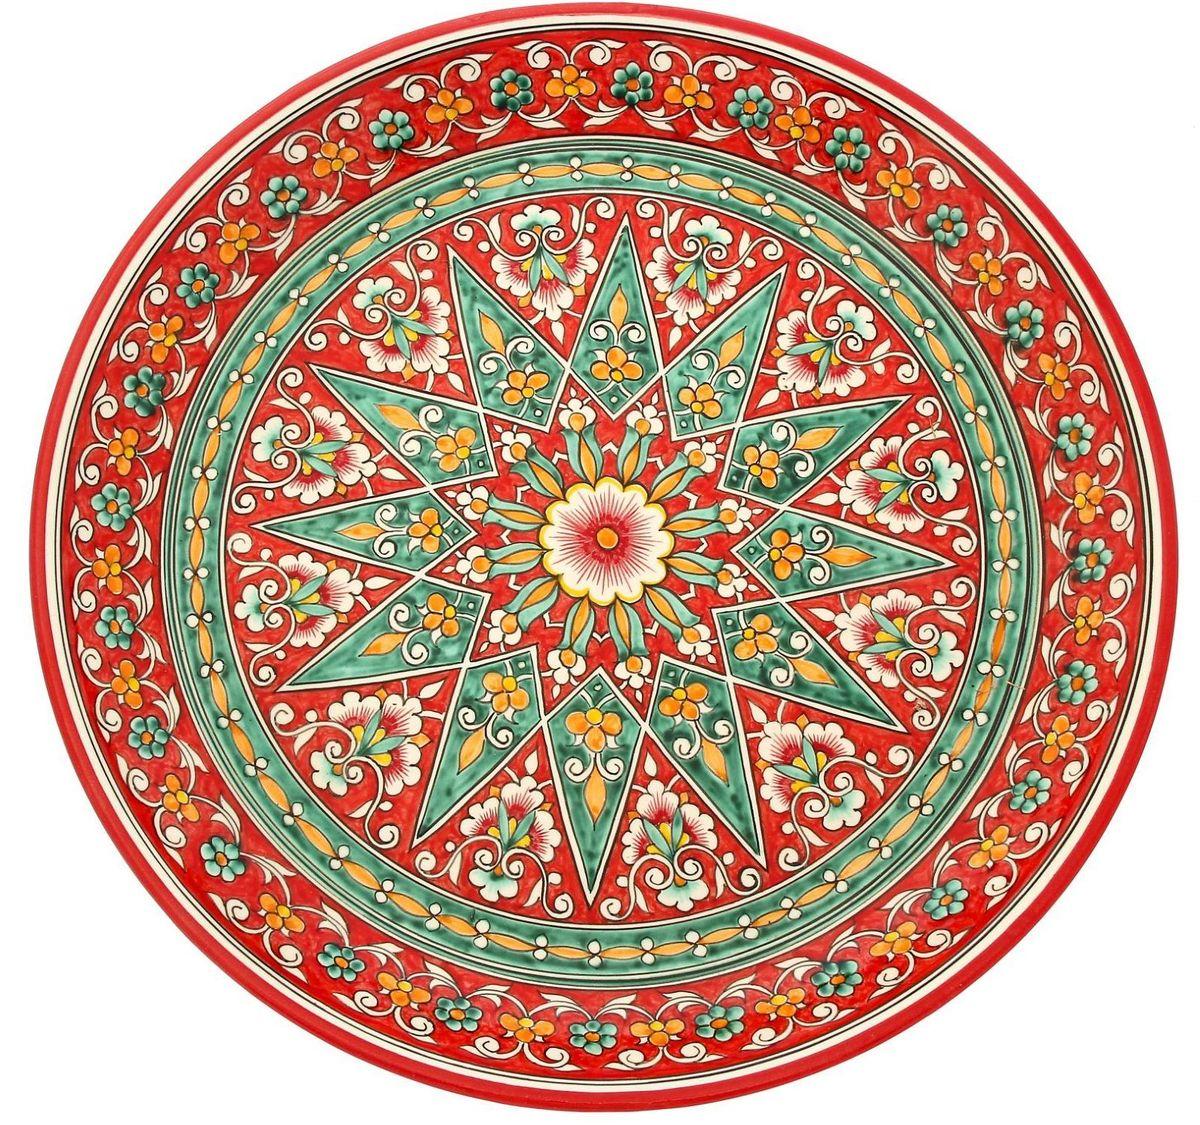 Ляган Риштанская керамика, диаметр 36 см. 19242421924242Ляган — это не просто обеденный атрибут, это украшение стола. Посуда с национальной росписью станет отменным подарком для ценителей высокородной посуды.Риштан — город на востоке Узбекистана, один из древнейших в Ферганской долине. С давних времён Риштан славится своим гончарным искусством изготовления цветной керамики. Красноватую глину для изделия добывают в самом городе. Мастера утверждают, что их глина настолько высокого качества, что даже не нуждается в предварительной обработке. Дополните коллекцию кухонных аксессуаров пряными восточными нотами.